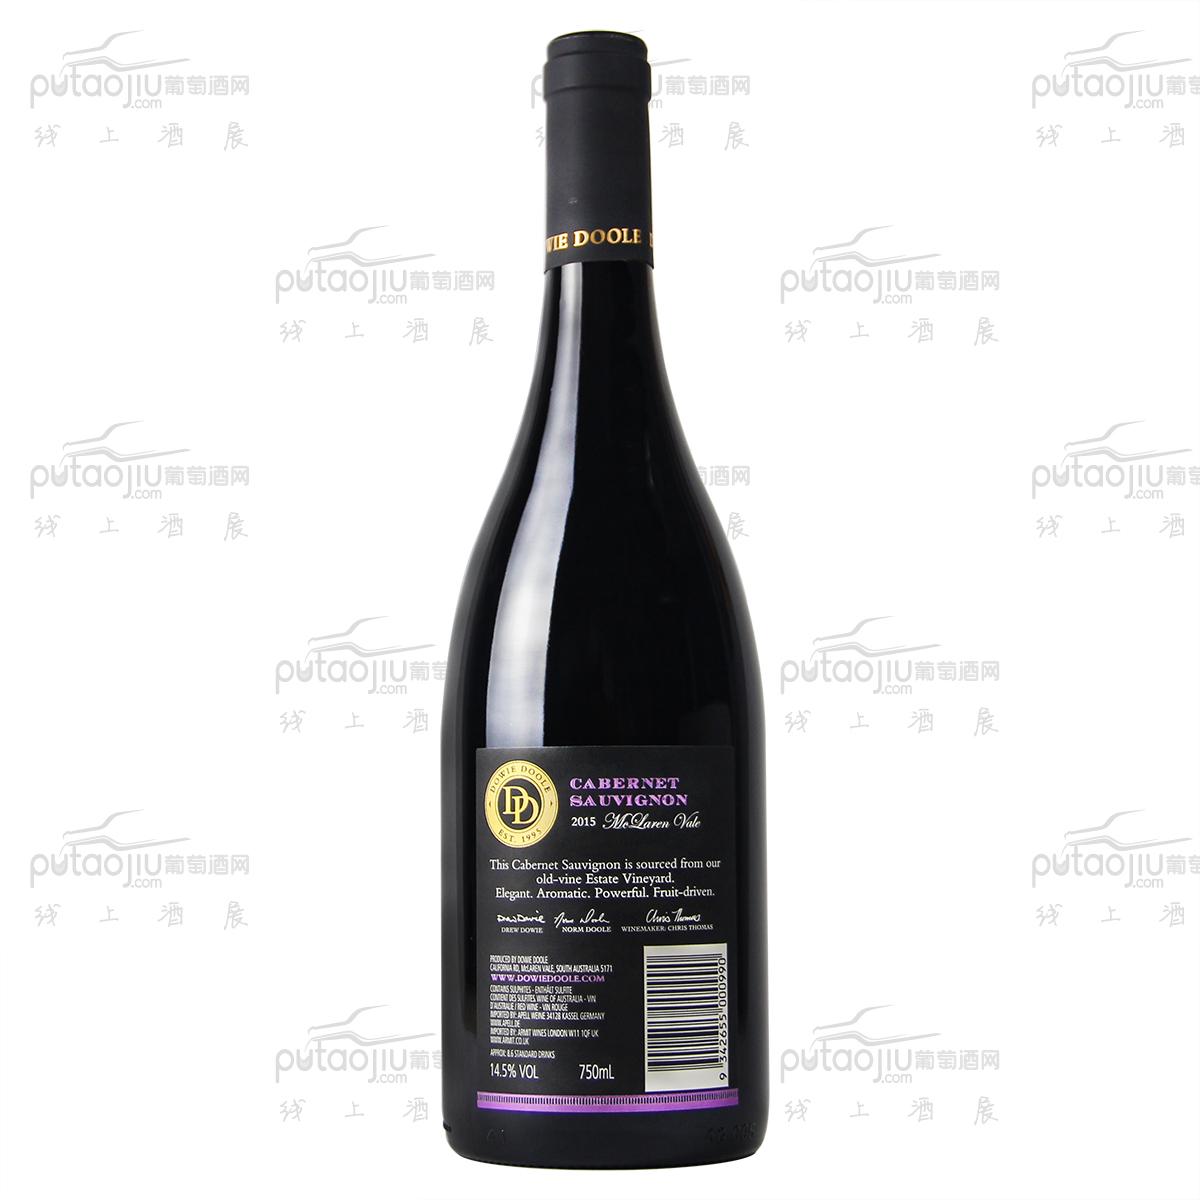 澳大利亚麦克拉伦谷产区都度庄园赤霞珠老藤红葡萄酒